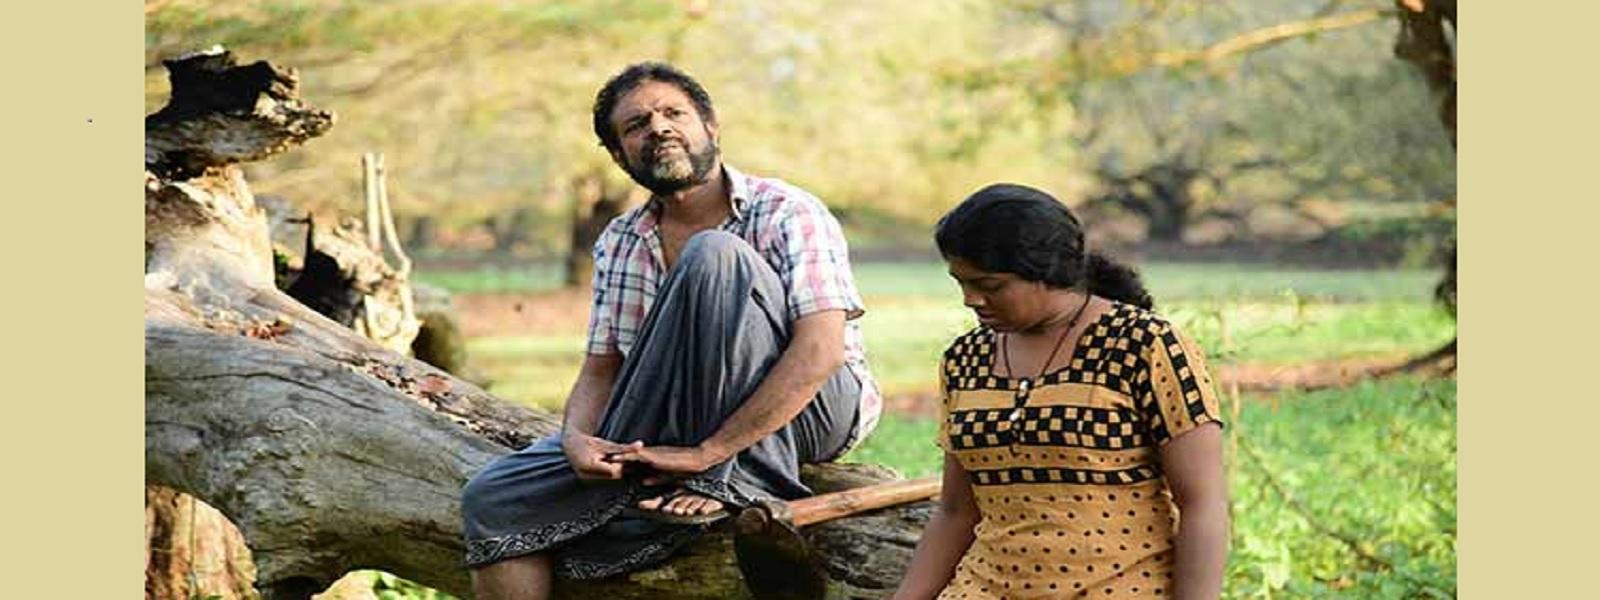 வௌியீட்டிற்கு முன்னதாகவே 17 விருதுகளை வென்ற ஒற்றைப் பனைமரம்